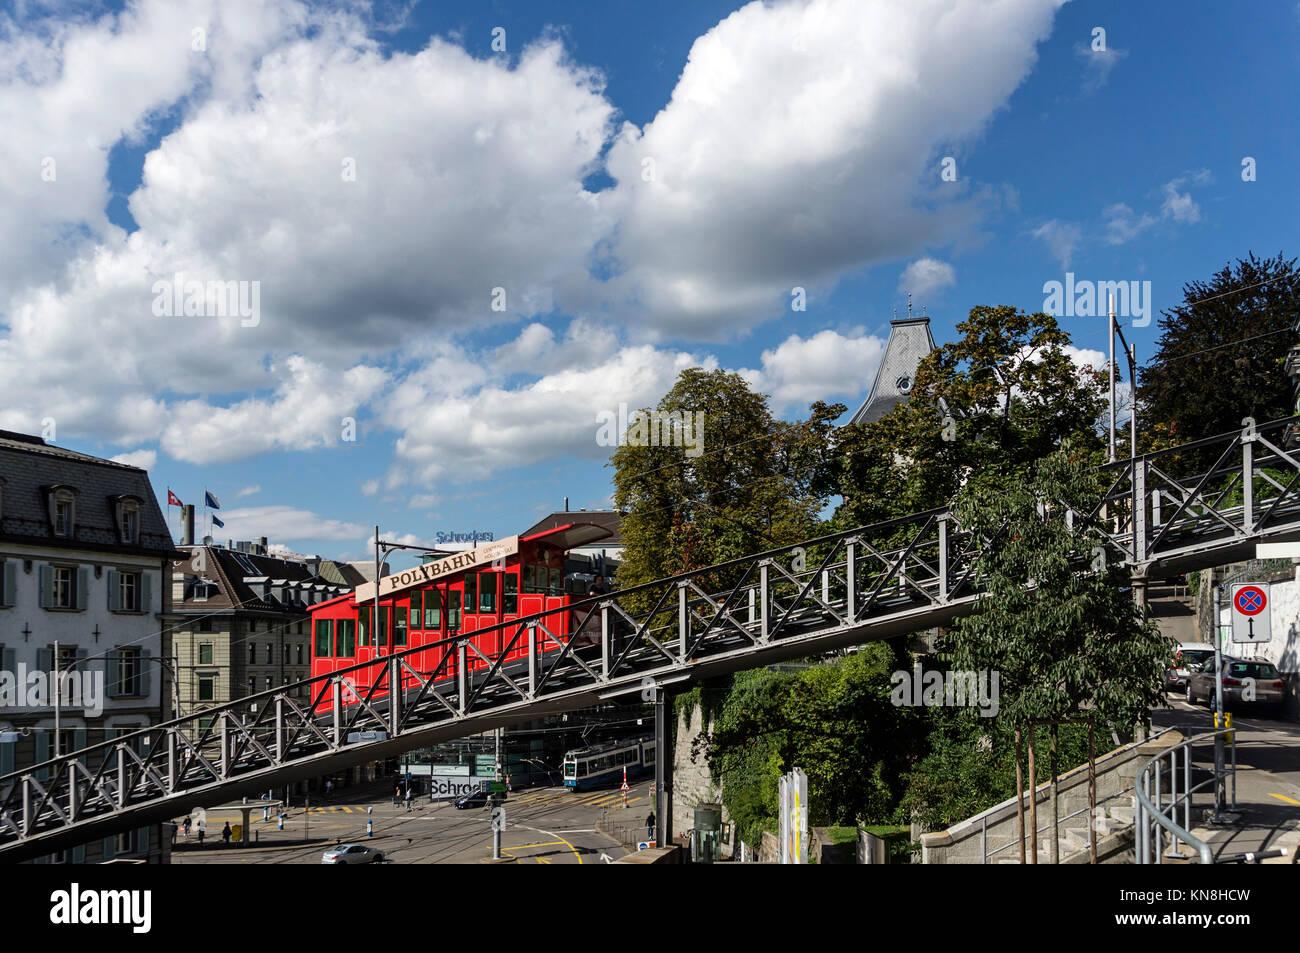 Polybahn, Zurich, Switzerland - Stock Image